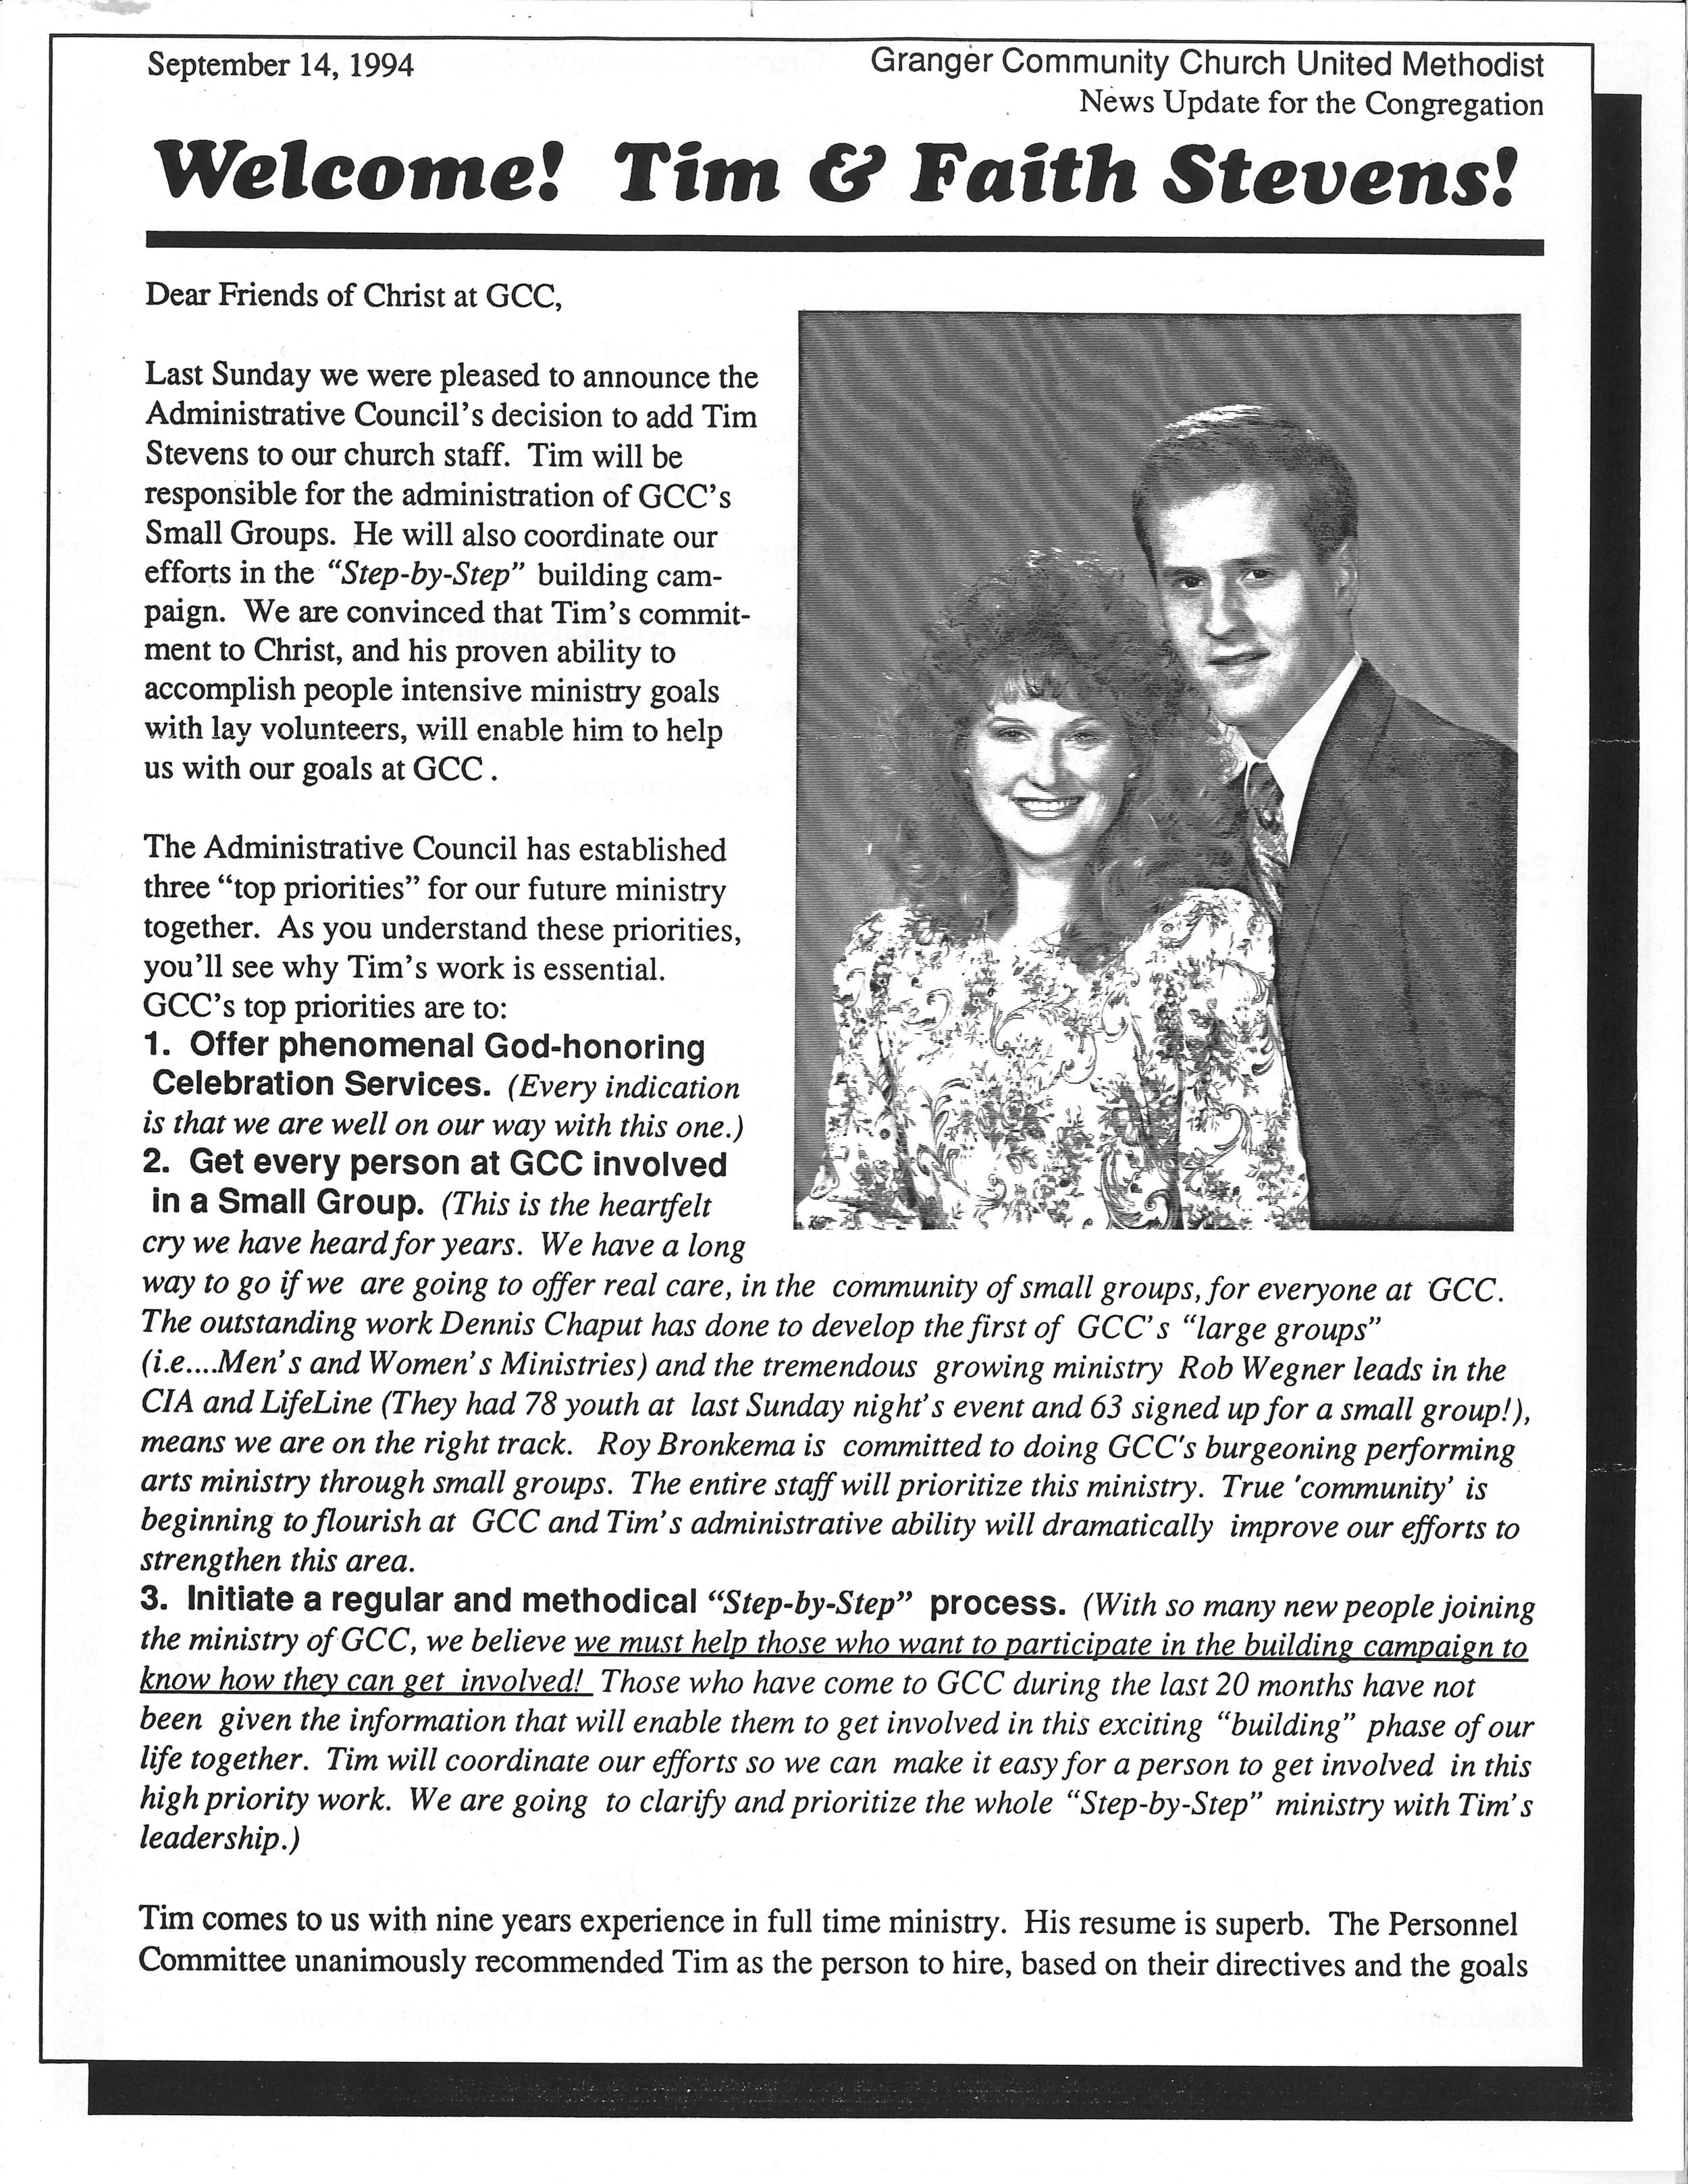 Granger Community Church newsletter from September 14, 1994